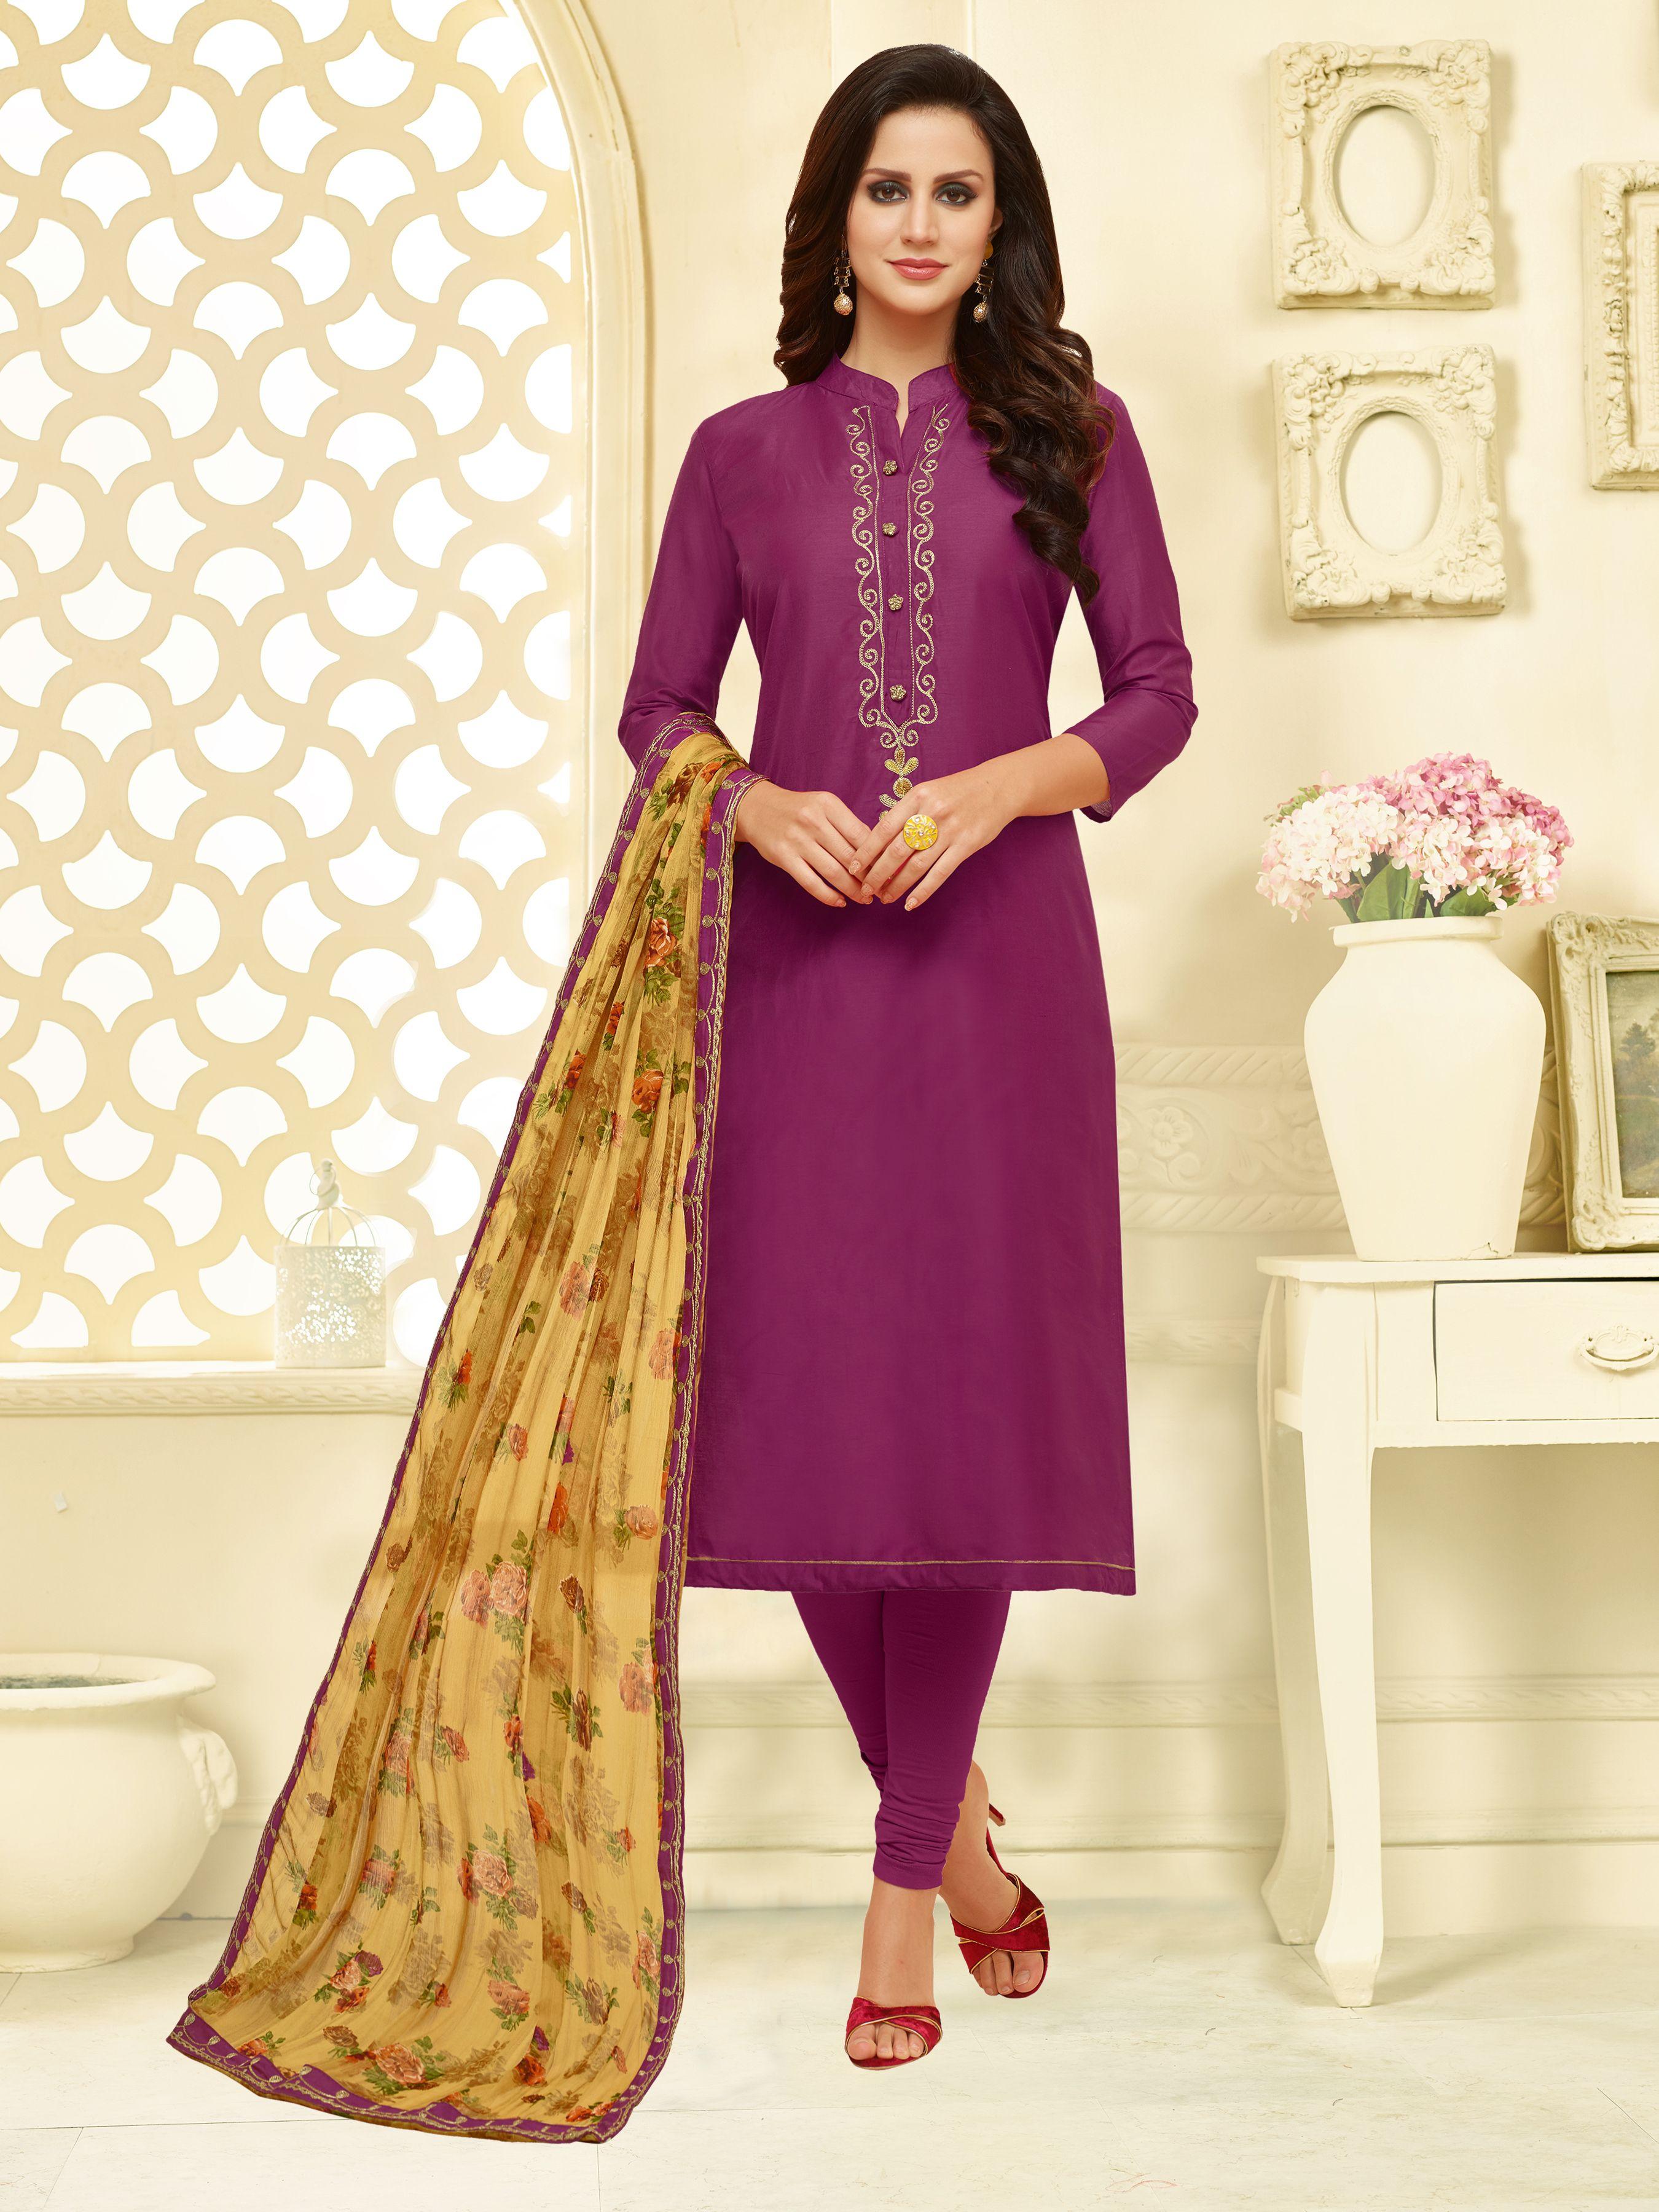 8b10eddcb6 #Pink Ratnavati Chanderi Cotton Self Design Semi-stitched Salwar Suit  Dupatta Material